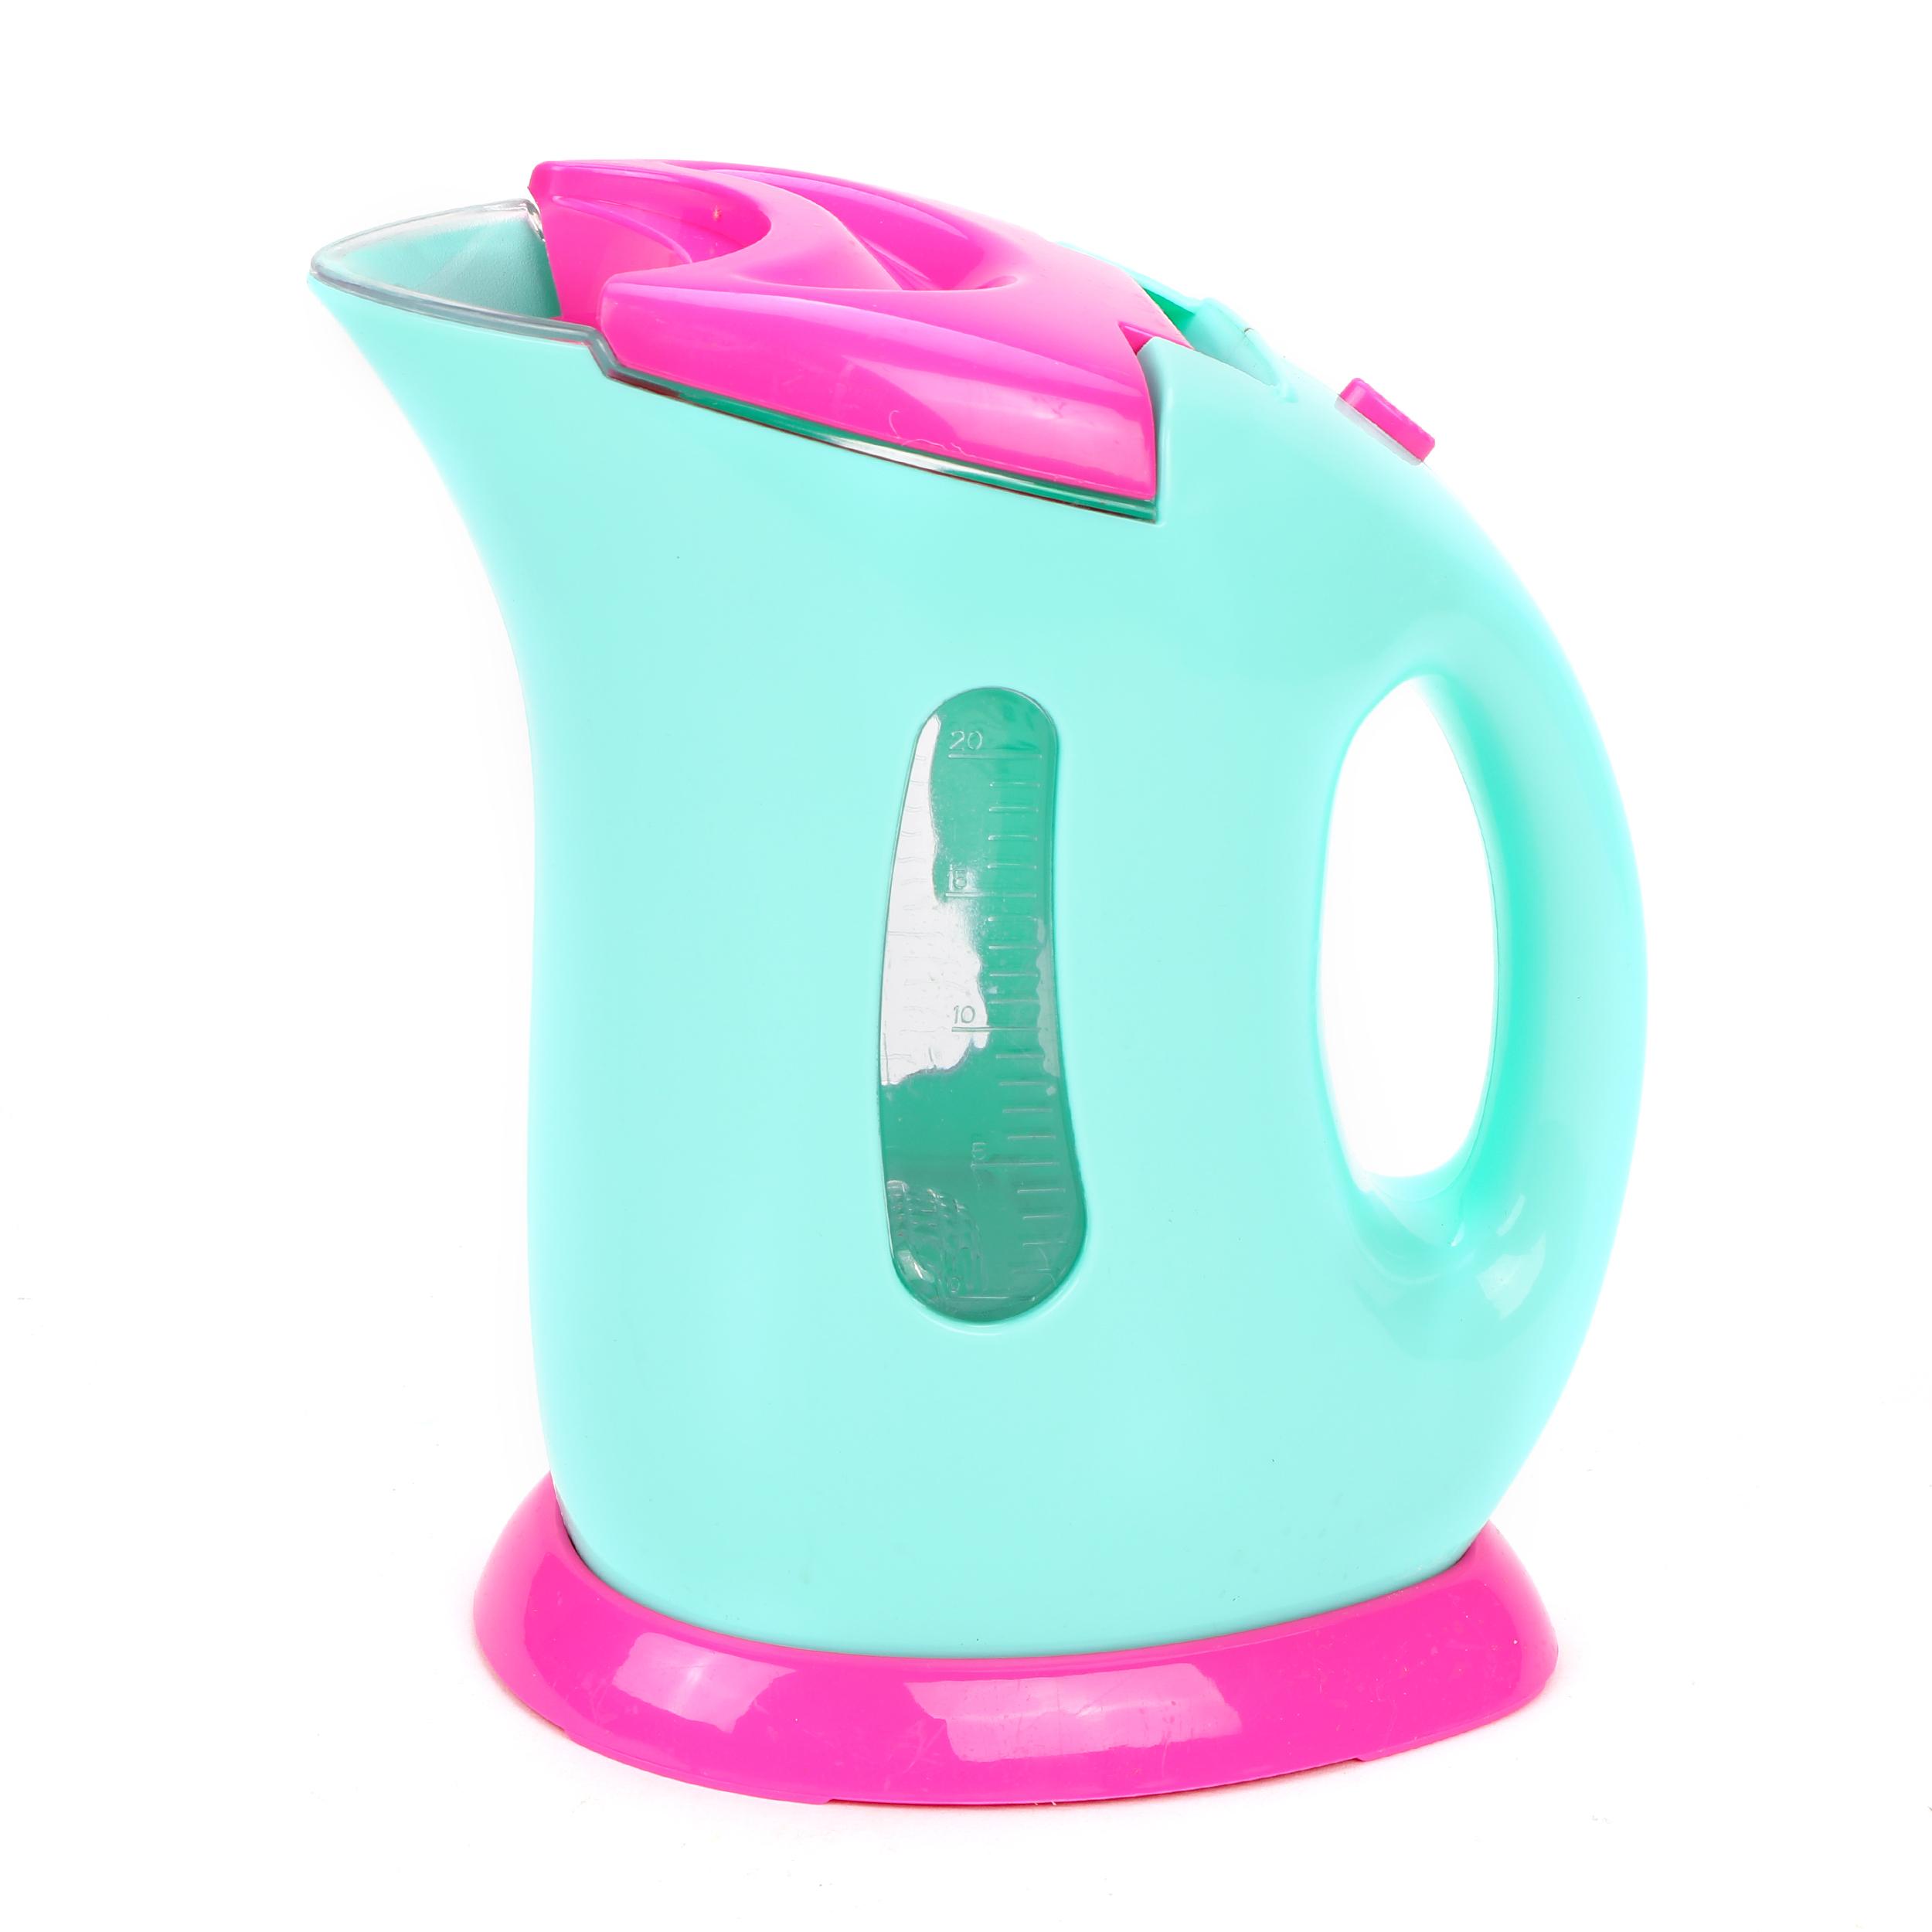 Чайник электрический Mary Poppins «Умный дом» стиральная машина mary poppins умный дом page 7